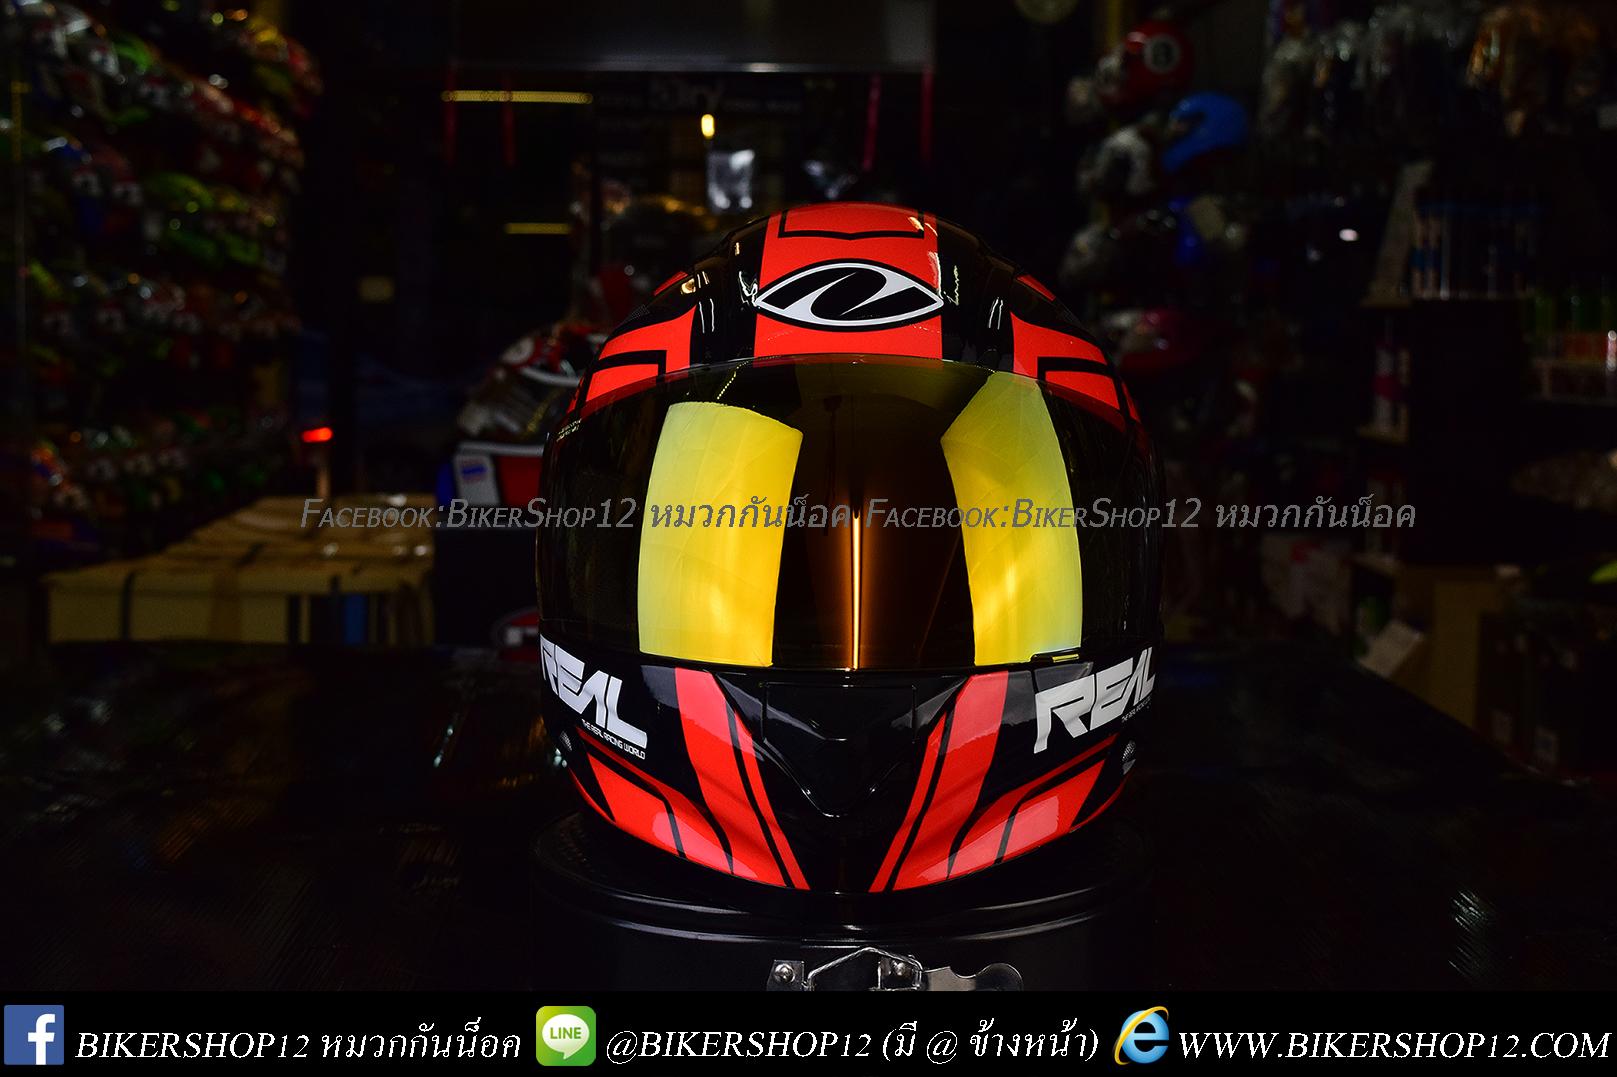 หมวกกันน็อคReal รุ่นHornet-Virago สีดำแดง